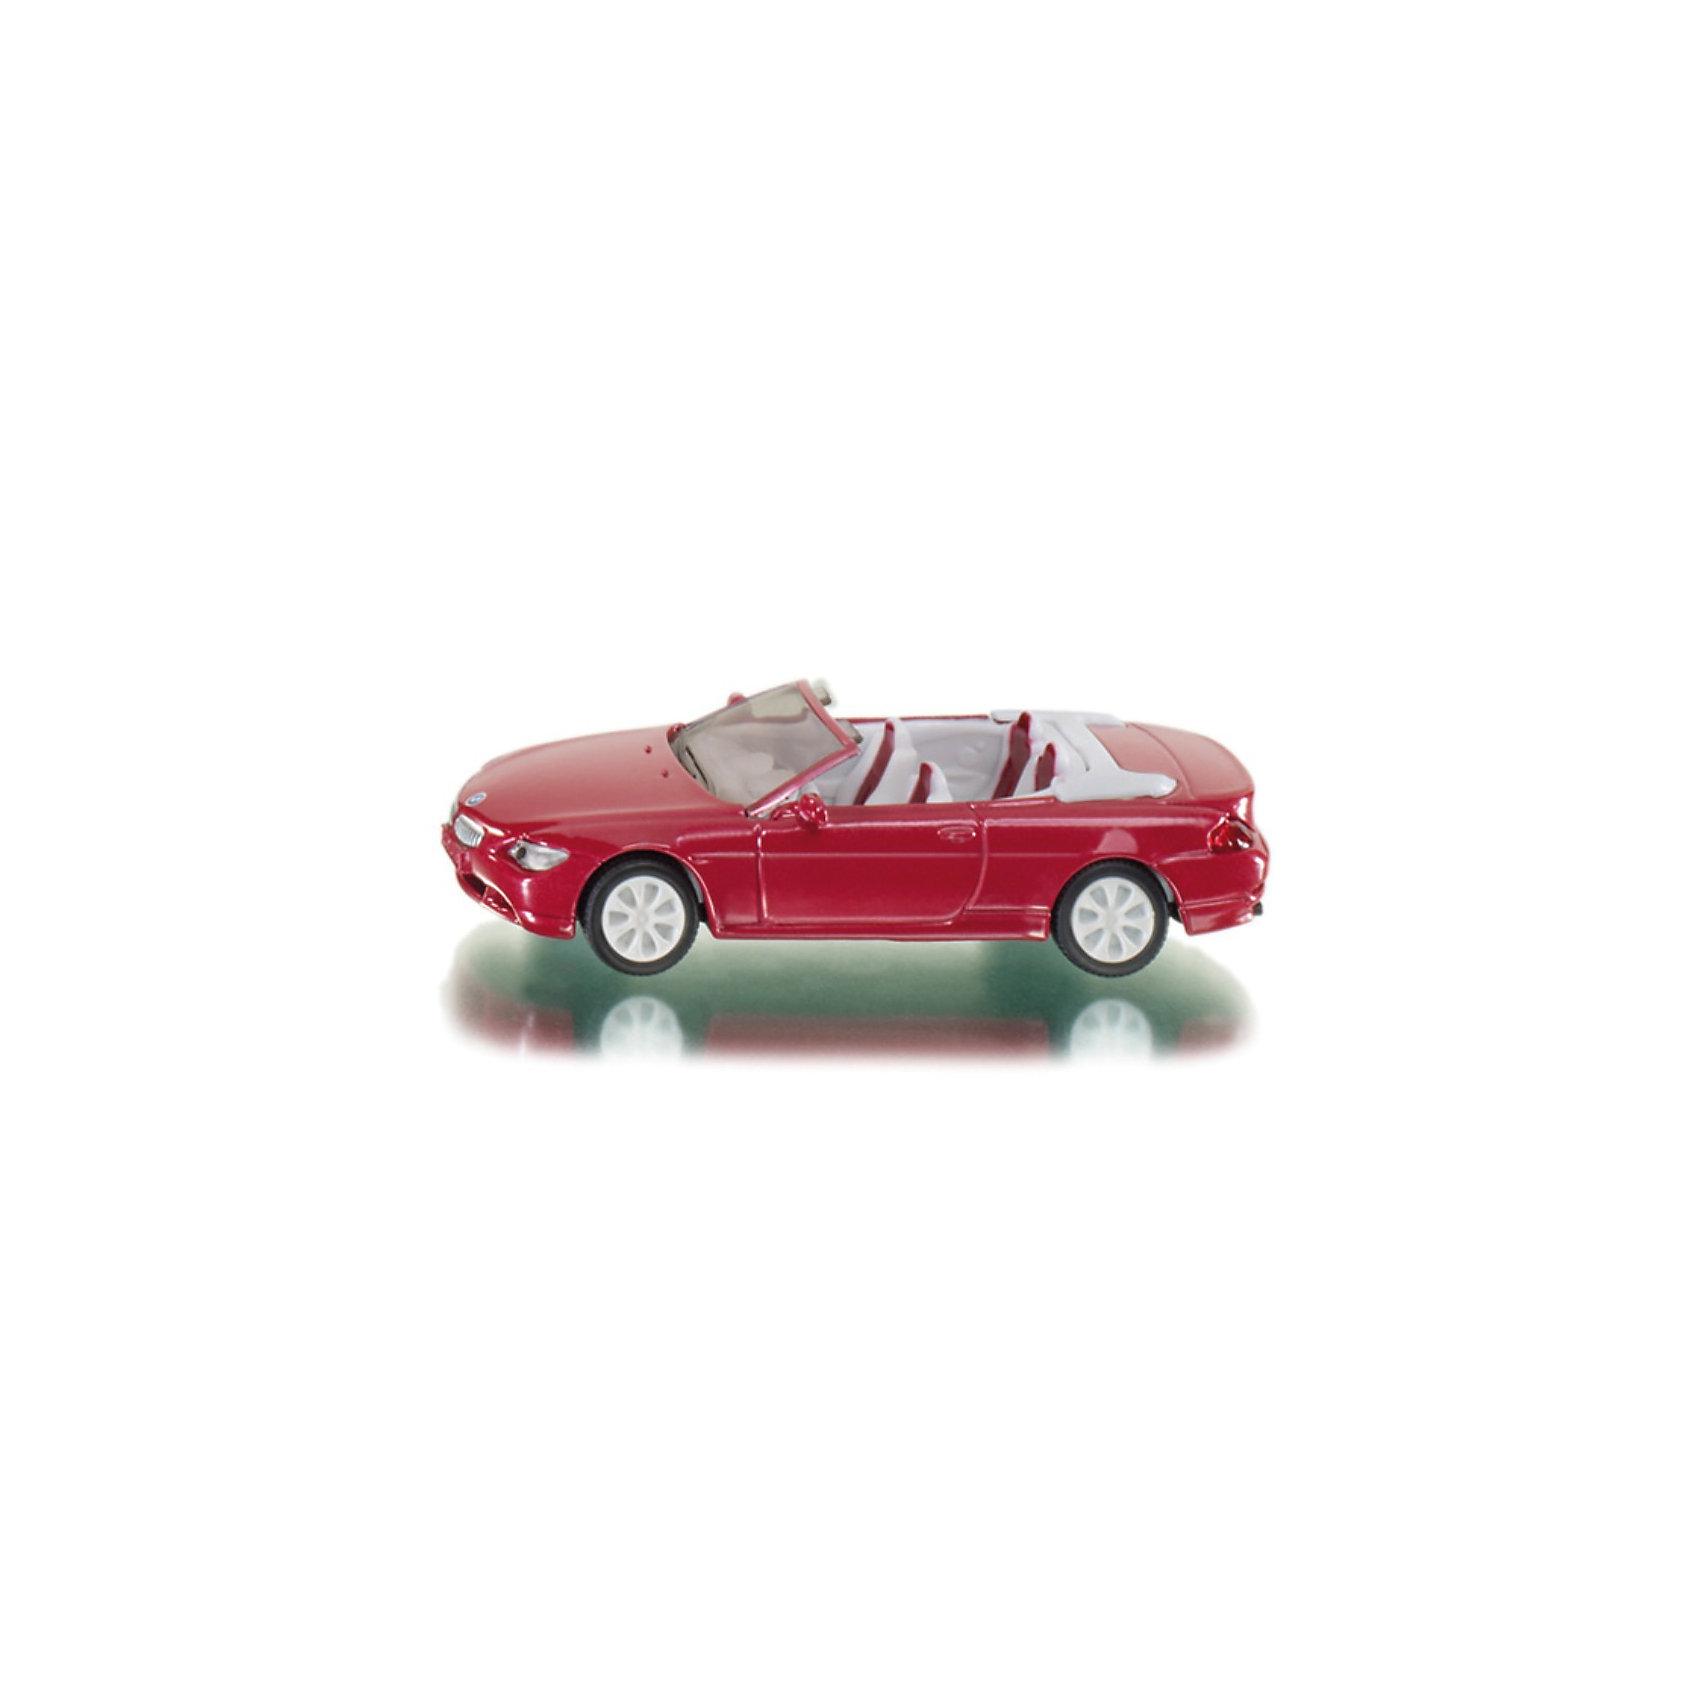 SIKU 1007 BMW 645i CabrioBMW 645i Cabrio из серии Siku Super. <br><br>Открытый вариант новой BMW 645i представляет собой стильный и изысканный кабриолет. Теперь этот автомобиль присутствует и в ассортименте моделей SIKU. Колеса с резиновыми протекторами обеспечивают комфорт при езде. Диски соответствуют оригинальным вплоть до деталей. Вставные передние и задние фары из пластмассы.<br><br>Игрушечные модели SIKU уже более 50 лет отличаются высоким качеством и безопасностью. Они имеют сертификаты T?V и GS, изготавливаются в соответствии с актуальными предписаниями по безопасности и отмечены знаком SPIEL GUT.<br><br><br>Д/Ш/В: 89x38x24 мм<br><br>+++Примечание+++<br>Фирма SIKU оставляет за собой право на изменение цвета и технических характеристик моделей. При демонстрации новинок в ряде случаев используются оригинальные фотографии и прототипы. Поставляемая модель может отличаться от представленной на фотографии.<br><br>Ширина мм: 97<br>Глубина мм: 76<br>Высота мм: 35<br>Вес г: 49<br>Возраст от месяцев: 36<br>Возраст до месяцев: 96<br>Пол: Мужской<br>Возраст: Детский<br>SKU: 1519985